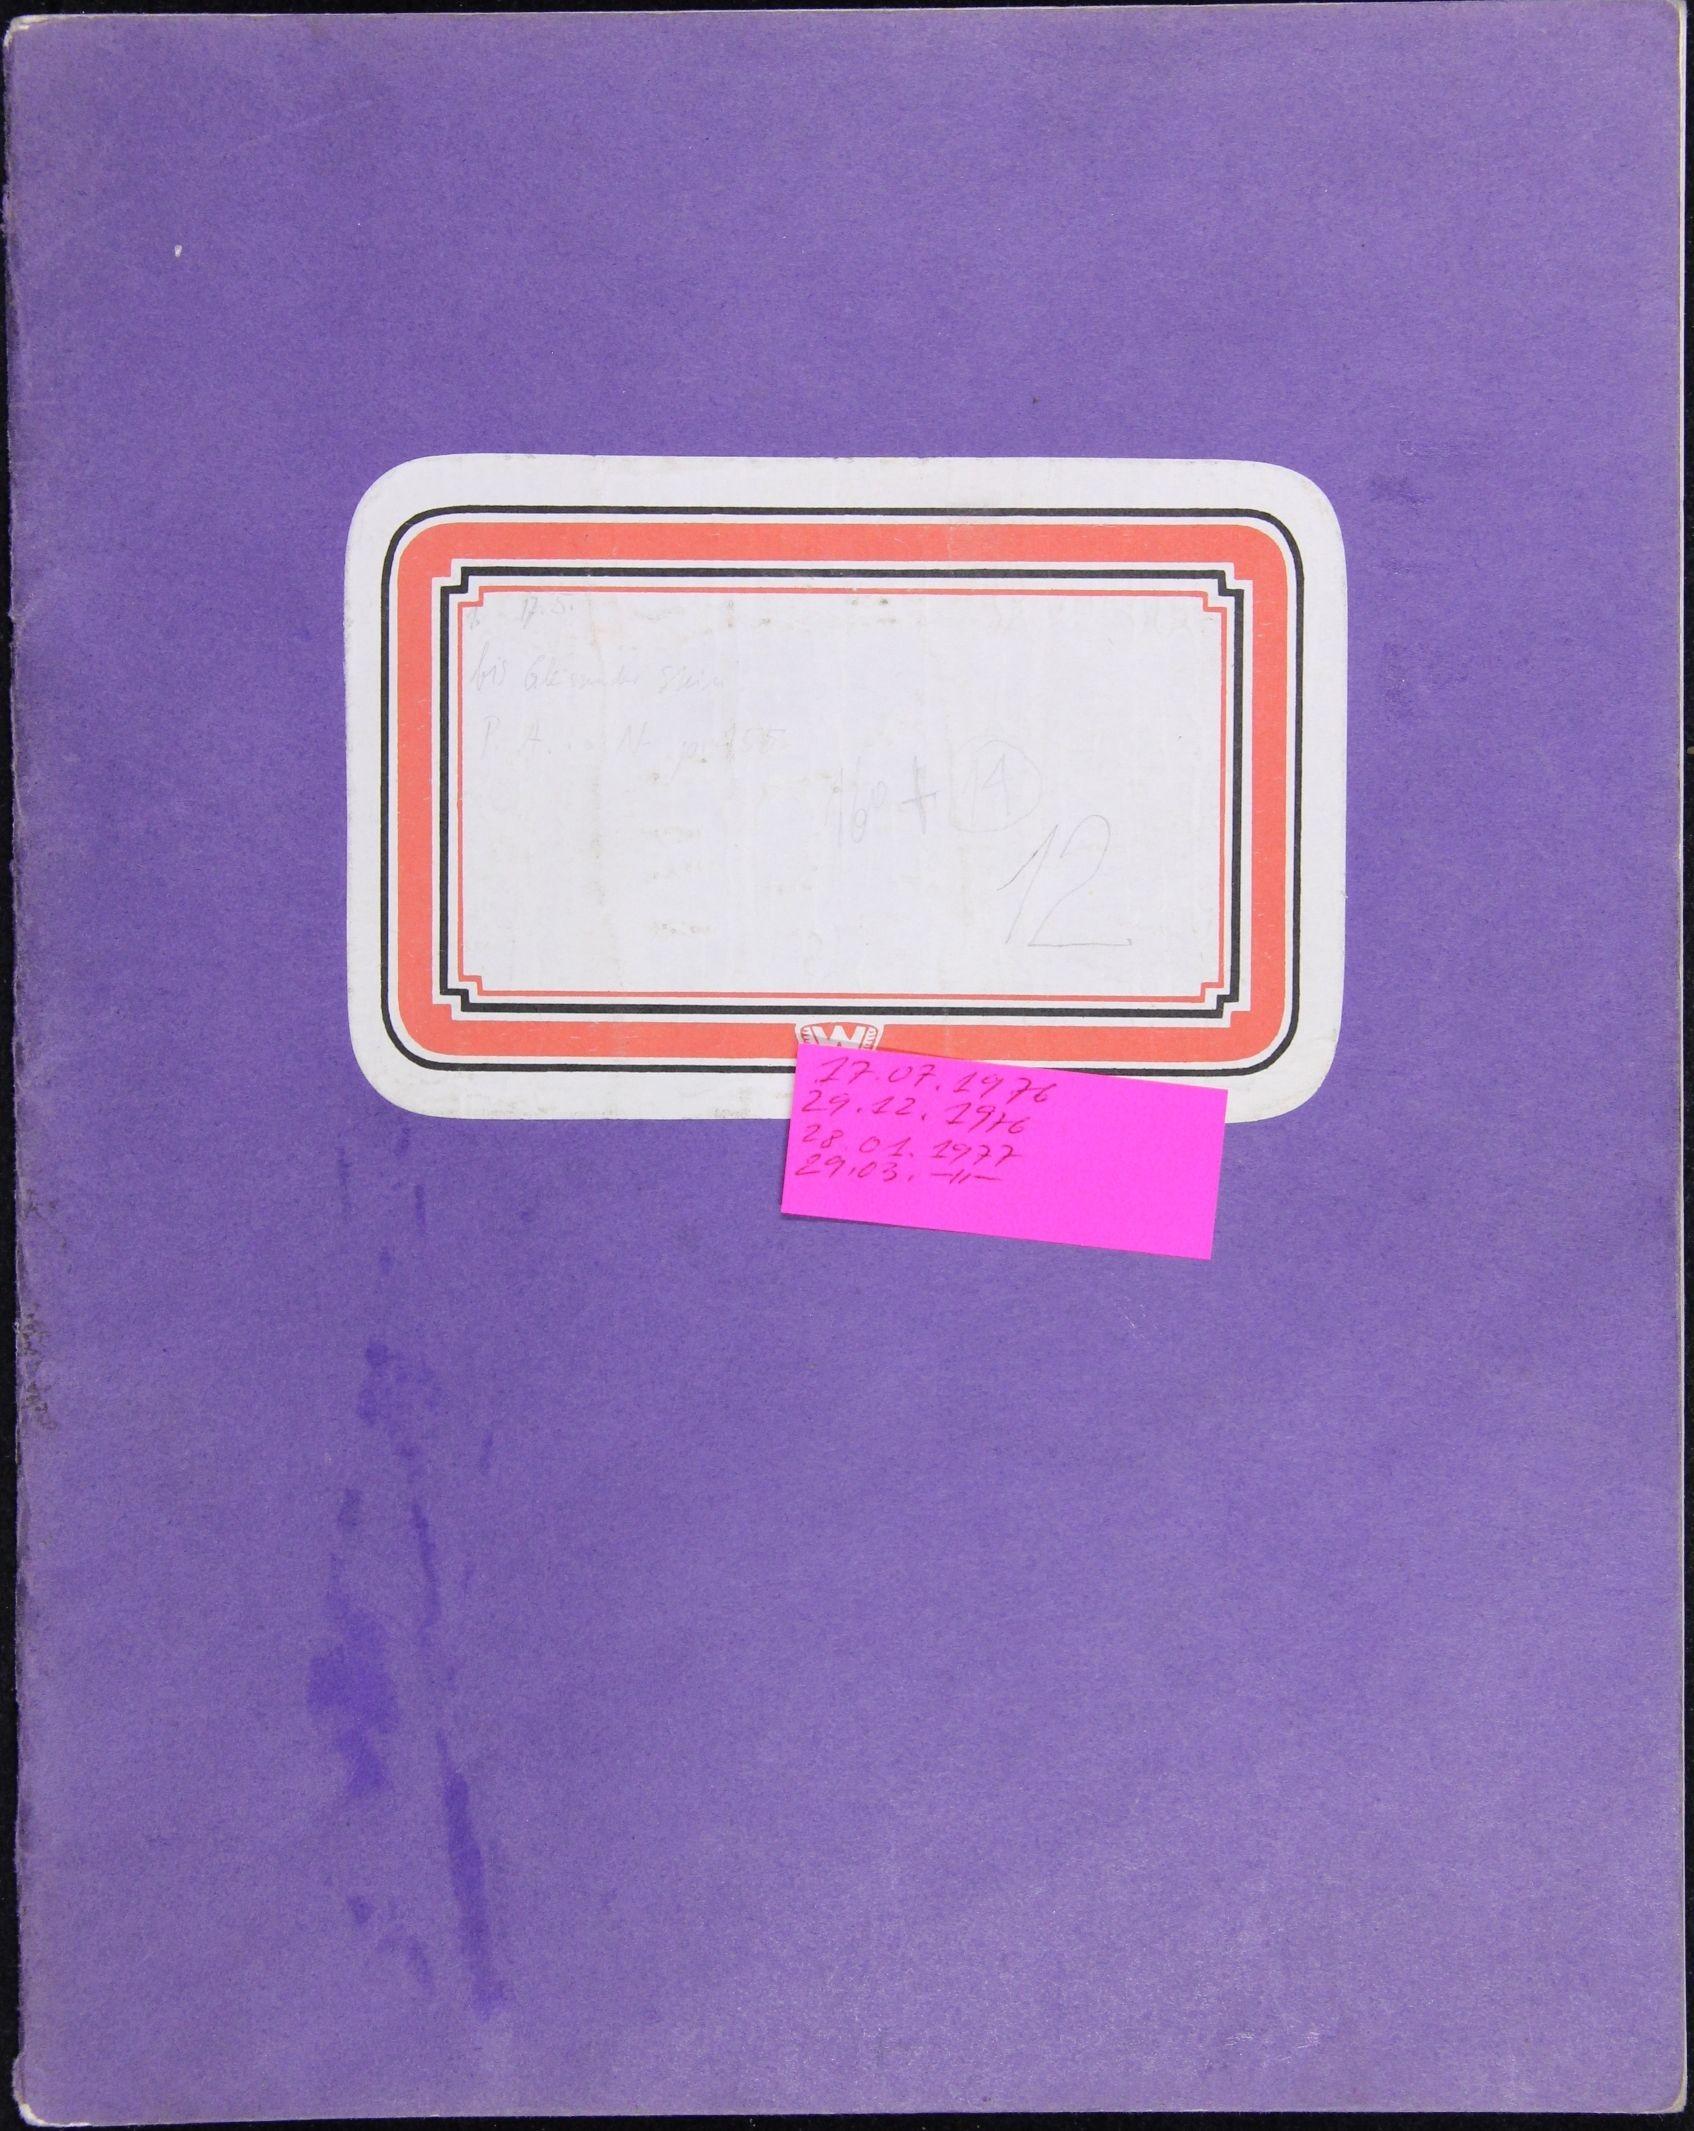 Notizbuch Hartmut Skerbisch (Inventarnr. 13) von Hartmut Skerbisch